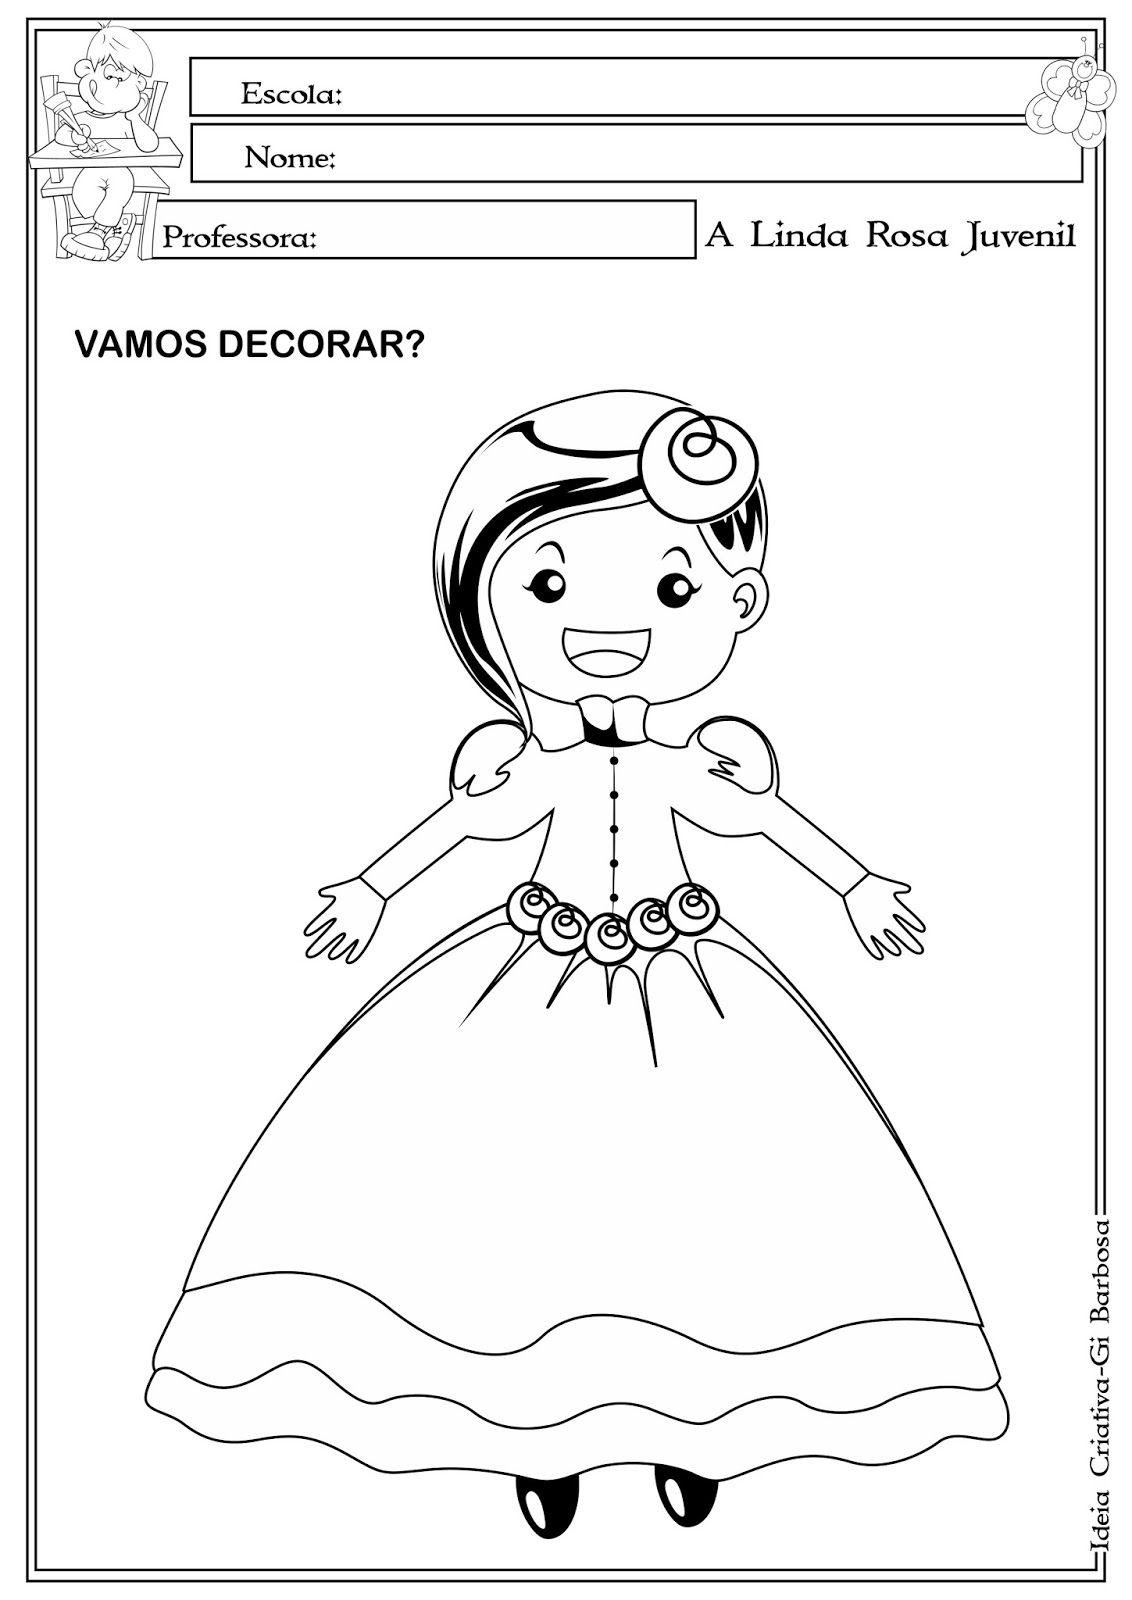 Desenho Da Linda Rosa Juvenil Para Colorir Linda Rosa Juvenil